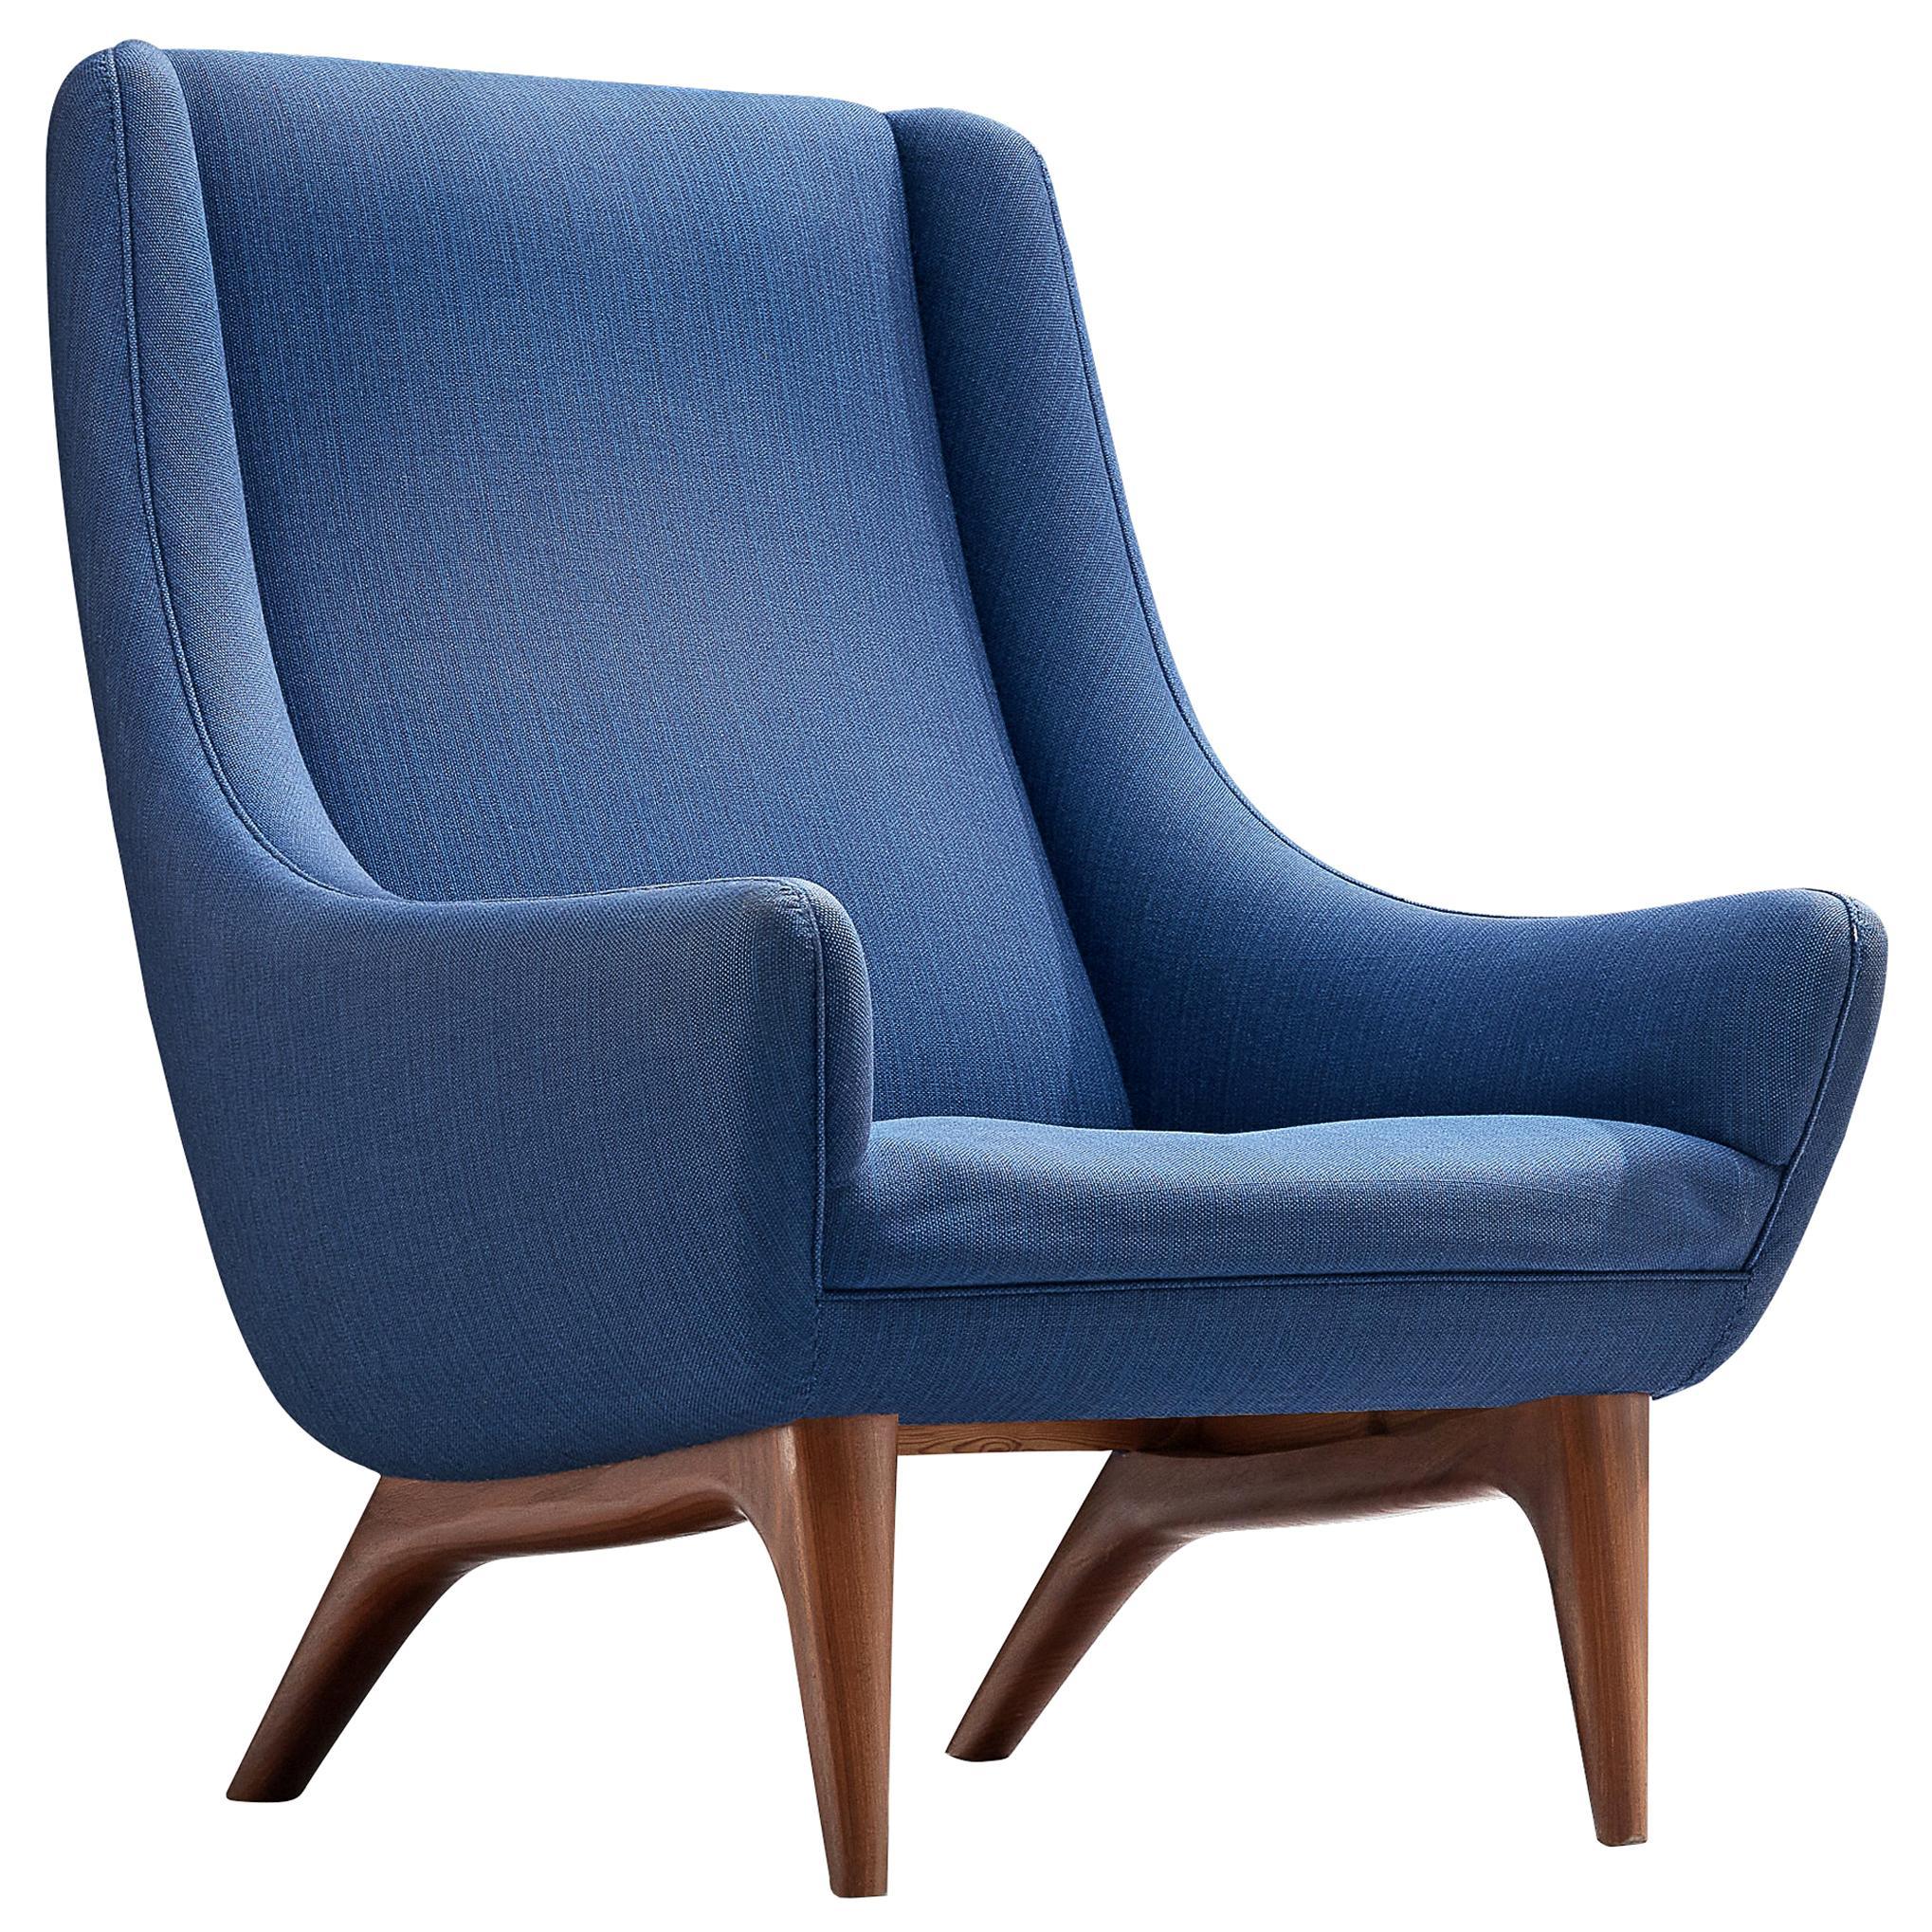 Illum Wikkelsø Lounge Chair in Blue Upholstery